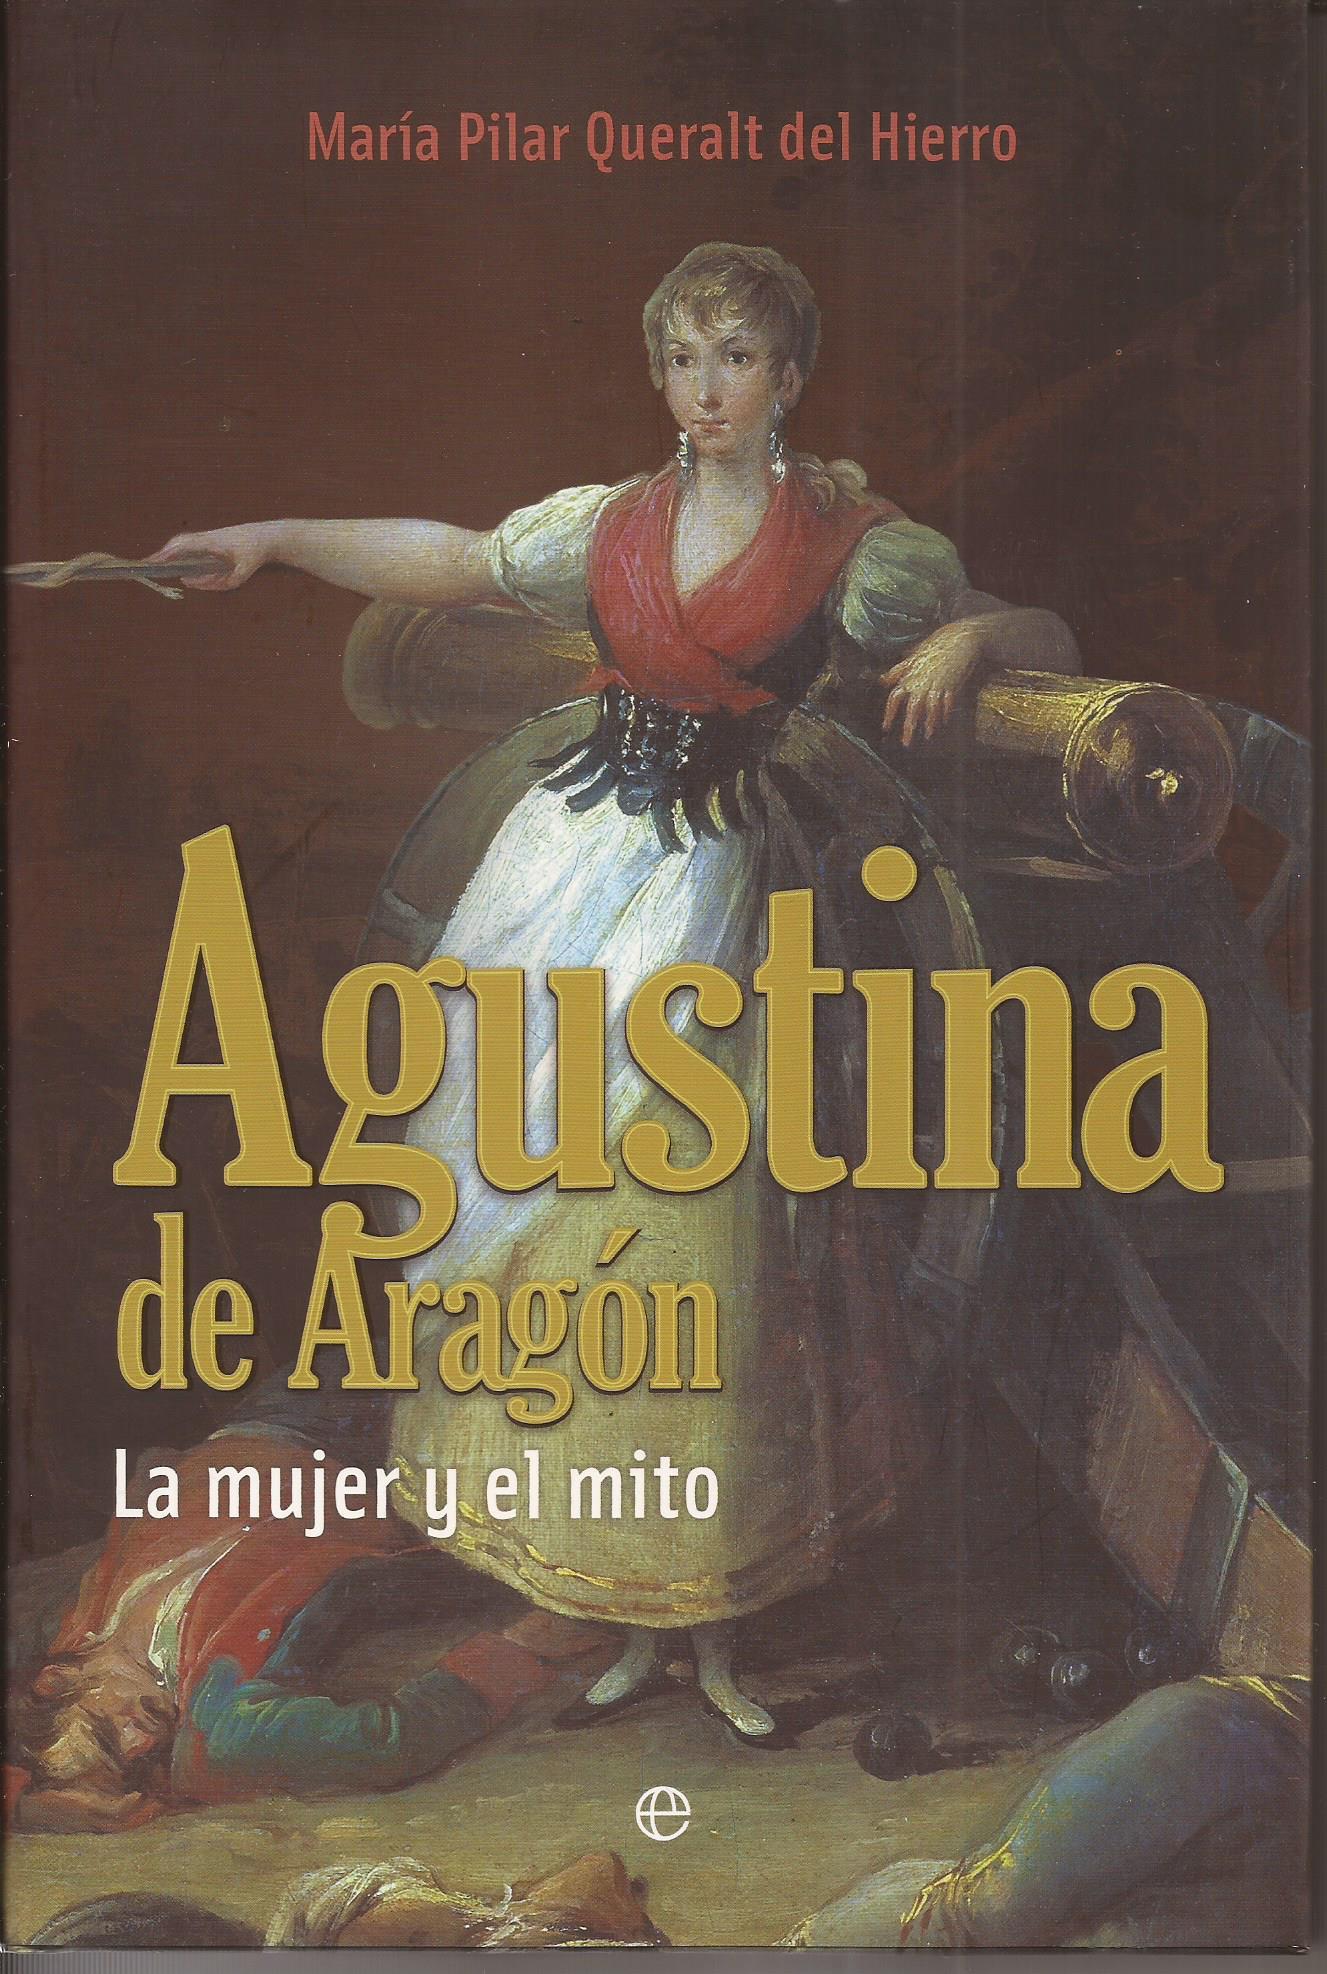 Agustina de Aragón. La mujer y el mito - Queralt del Hierro, María Pilar